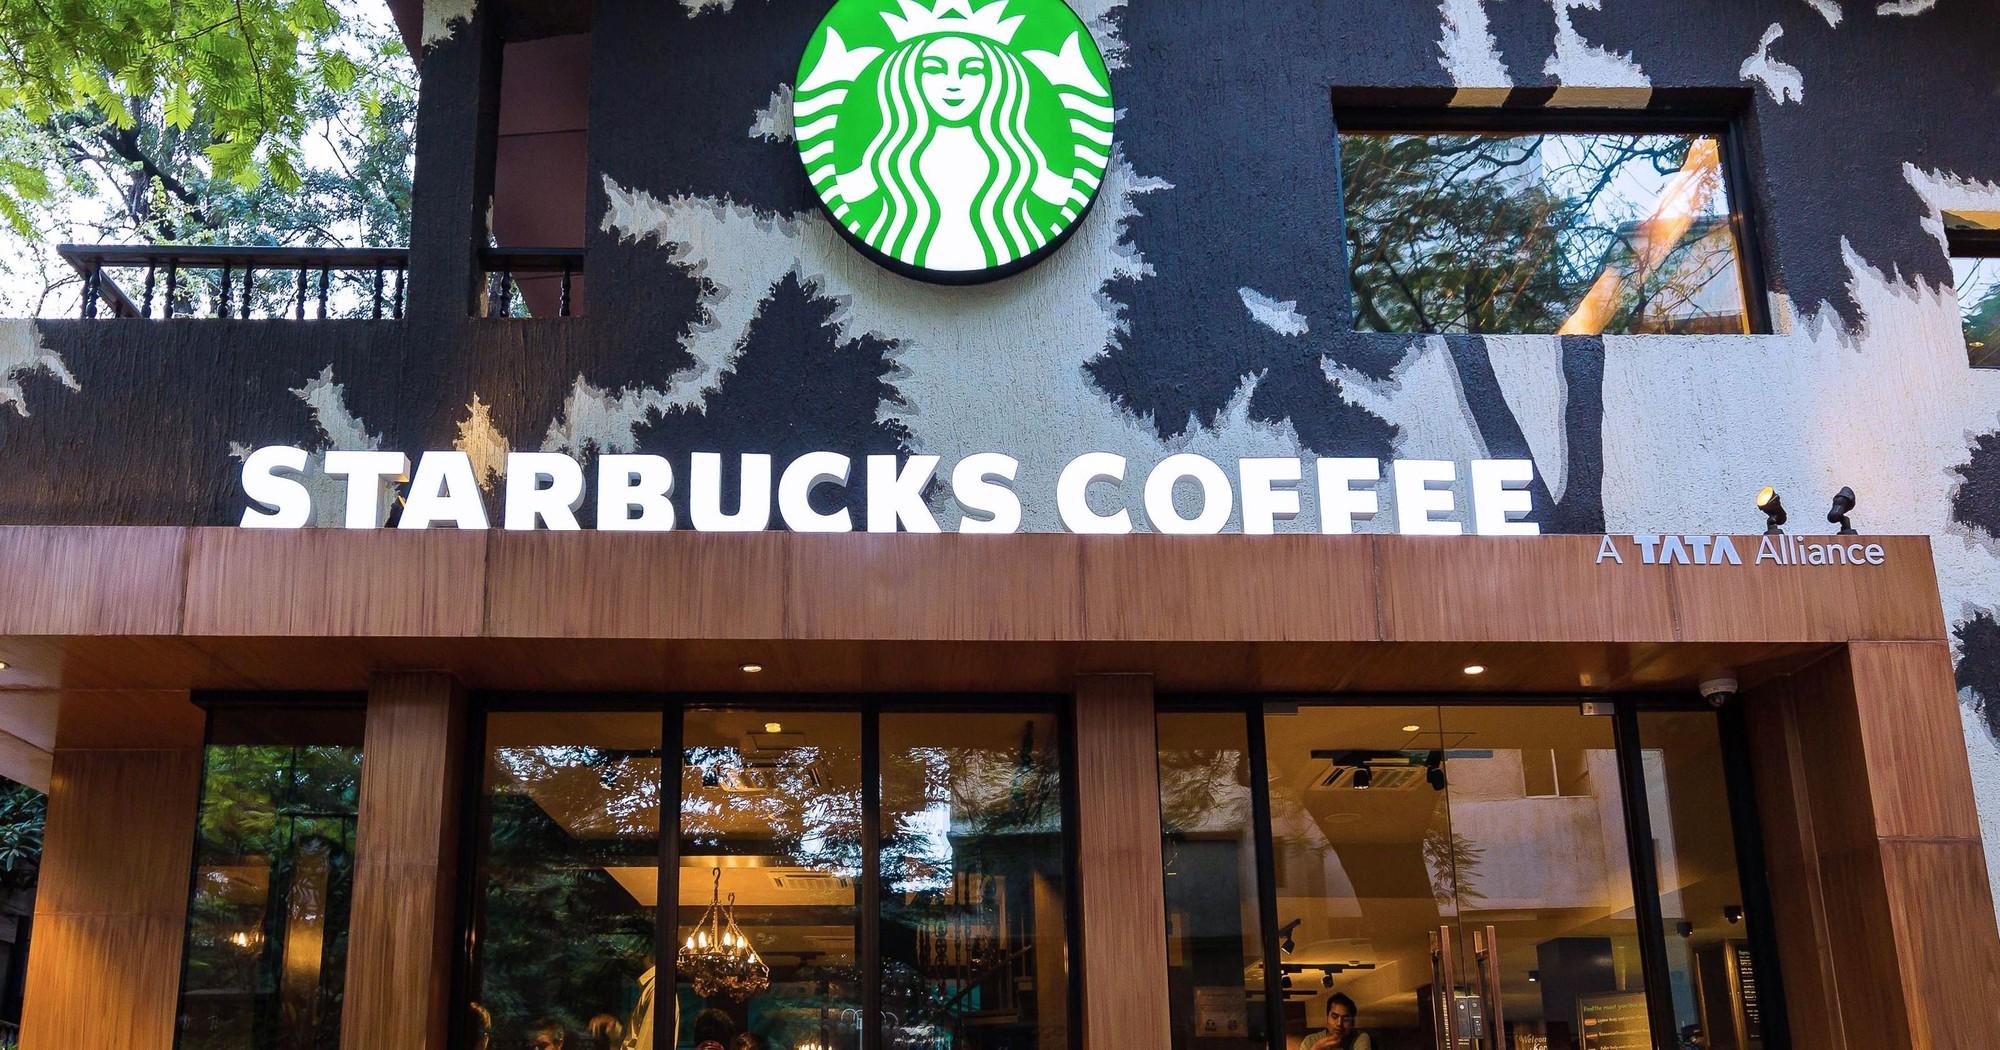 Câu chuyện của Starbucks ở Úc: Bành trướng quá nhanh để rồi bật bãi không kèn không trống - Ảnh 1.